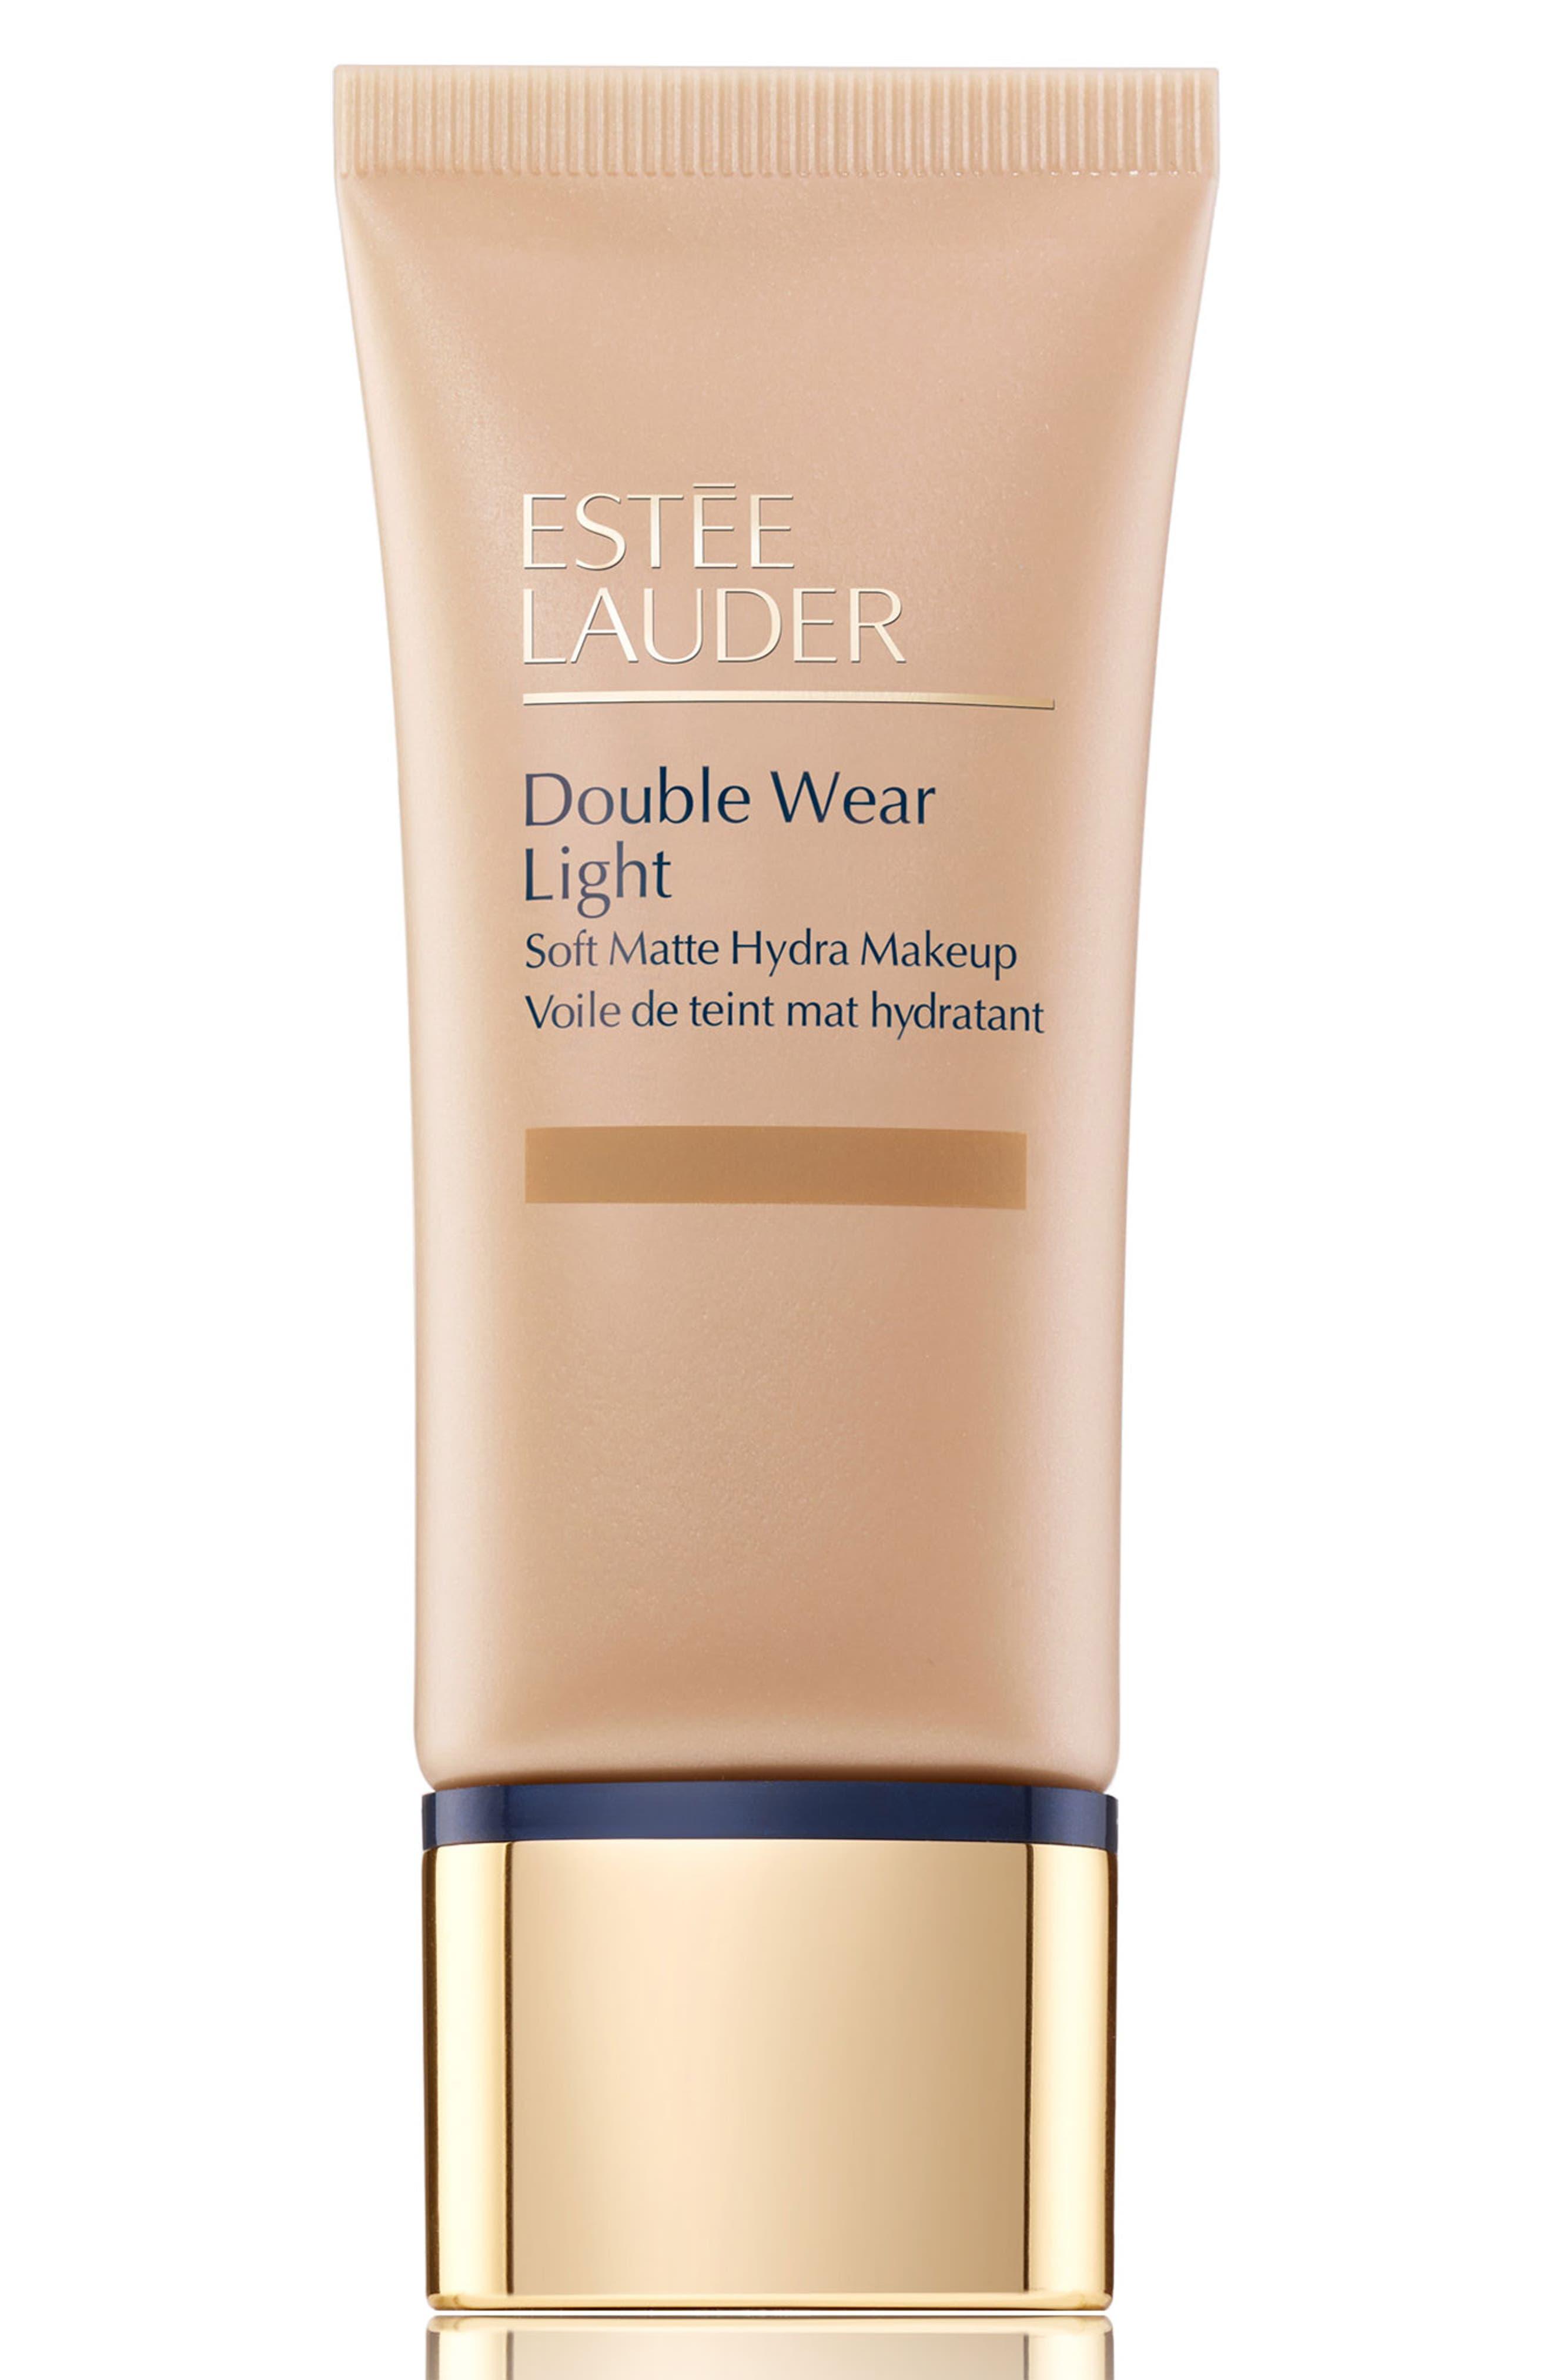 Estee Lauder Double Wear Light Soft Matte Hydra Makeup - 3W1.5 Fawn